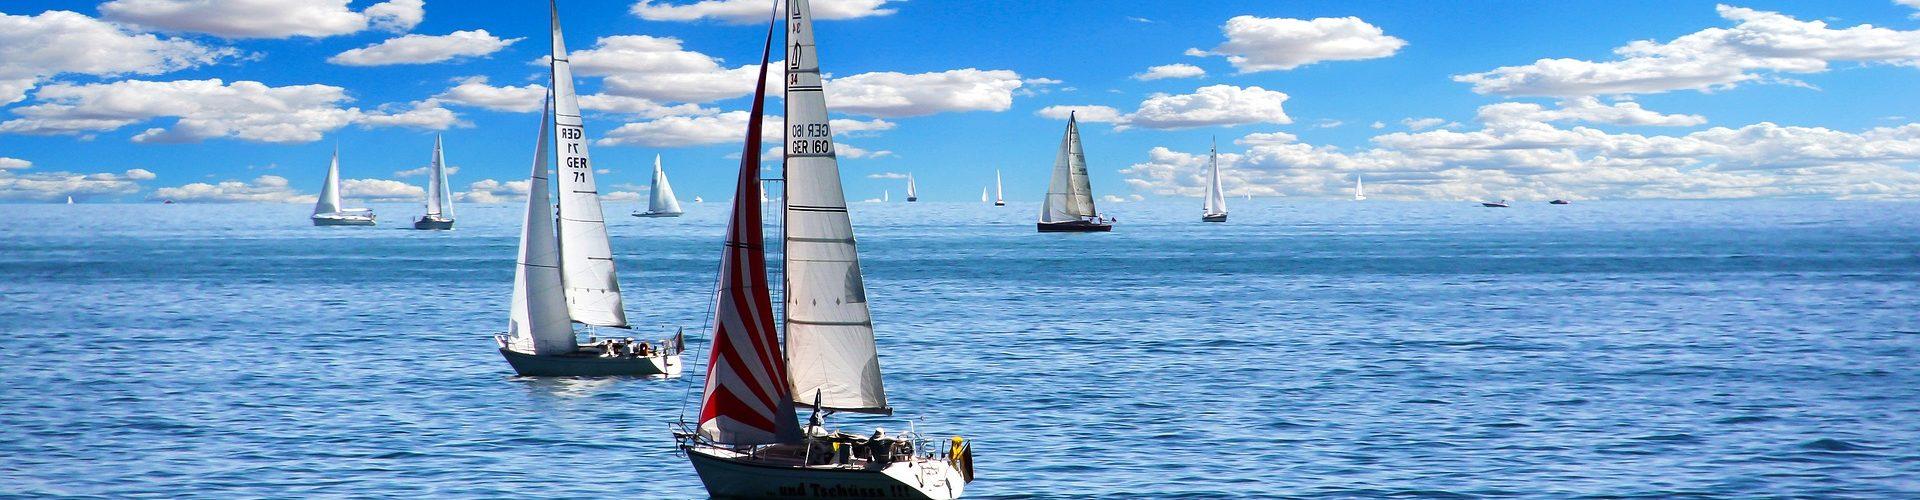 segeln lernen in Haldensleben segelschein machen in Haldensleben 1920x500 - Segeln lernen in Haldensleben